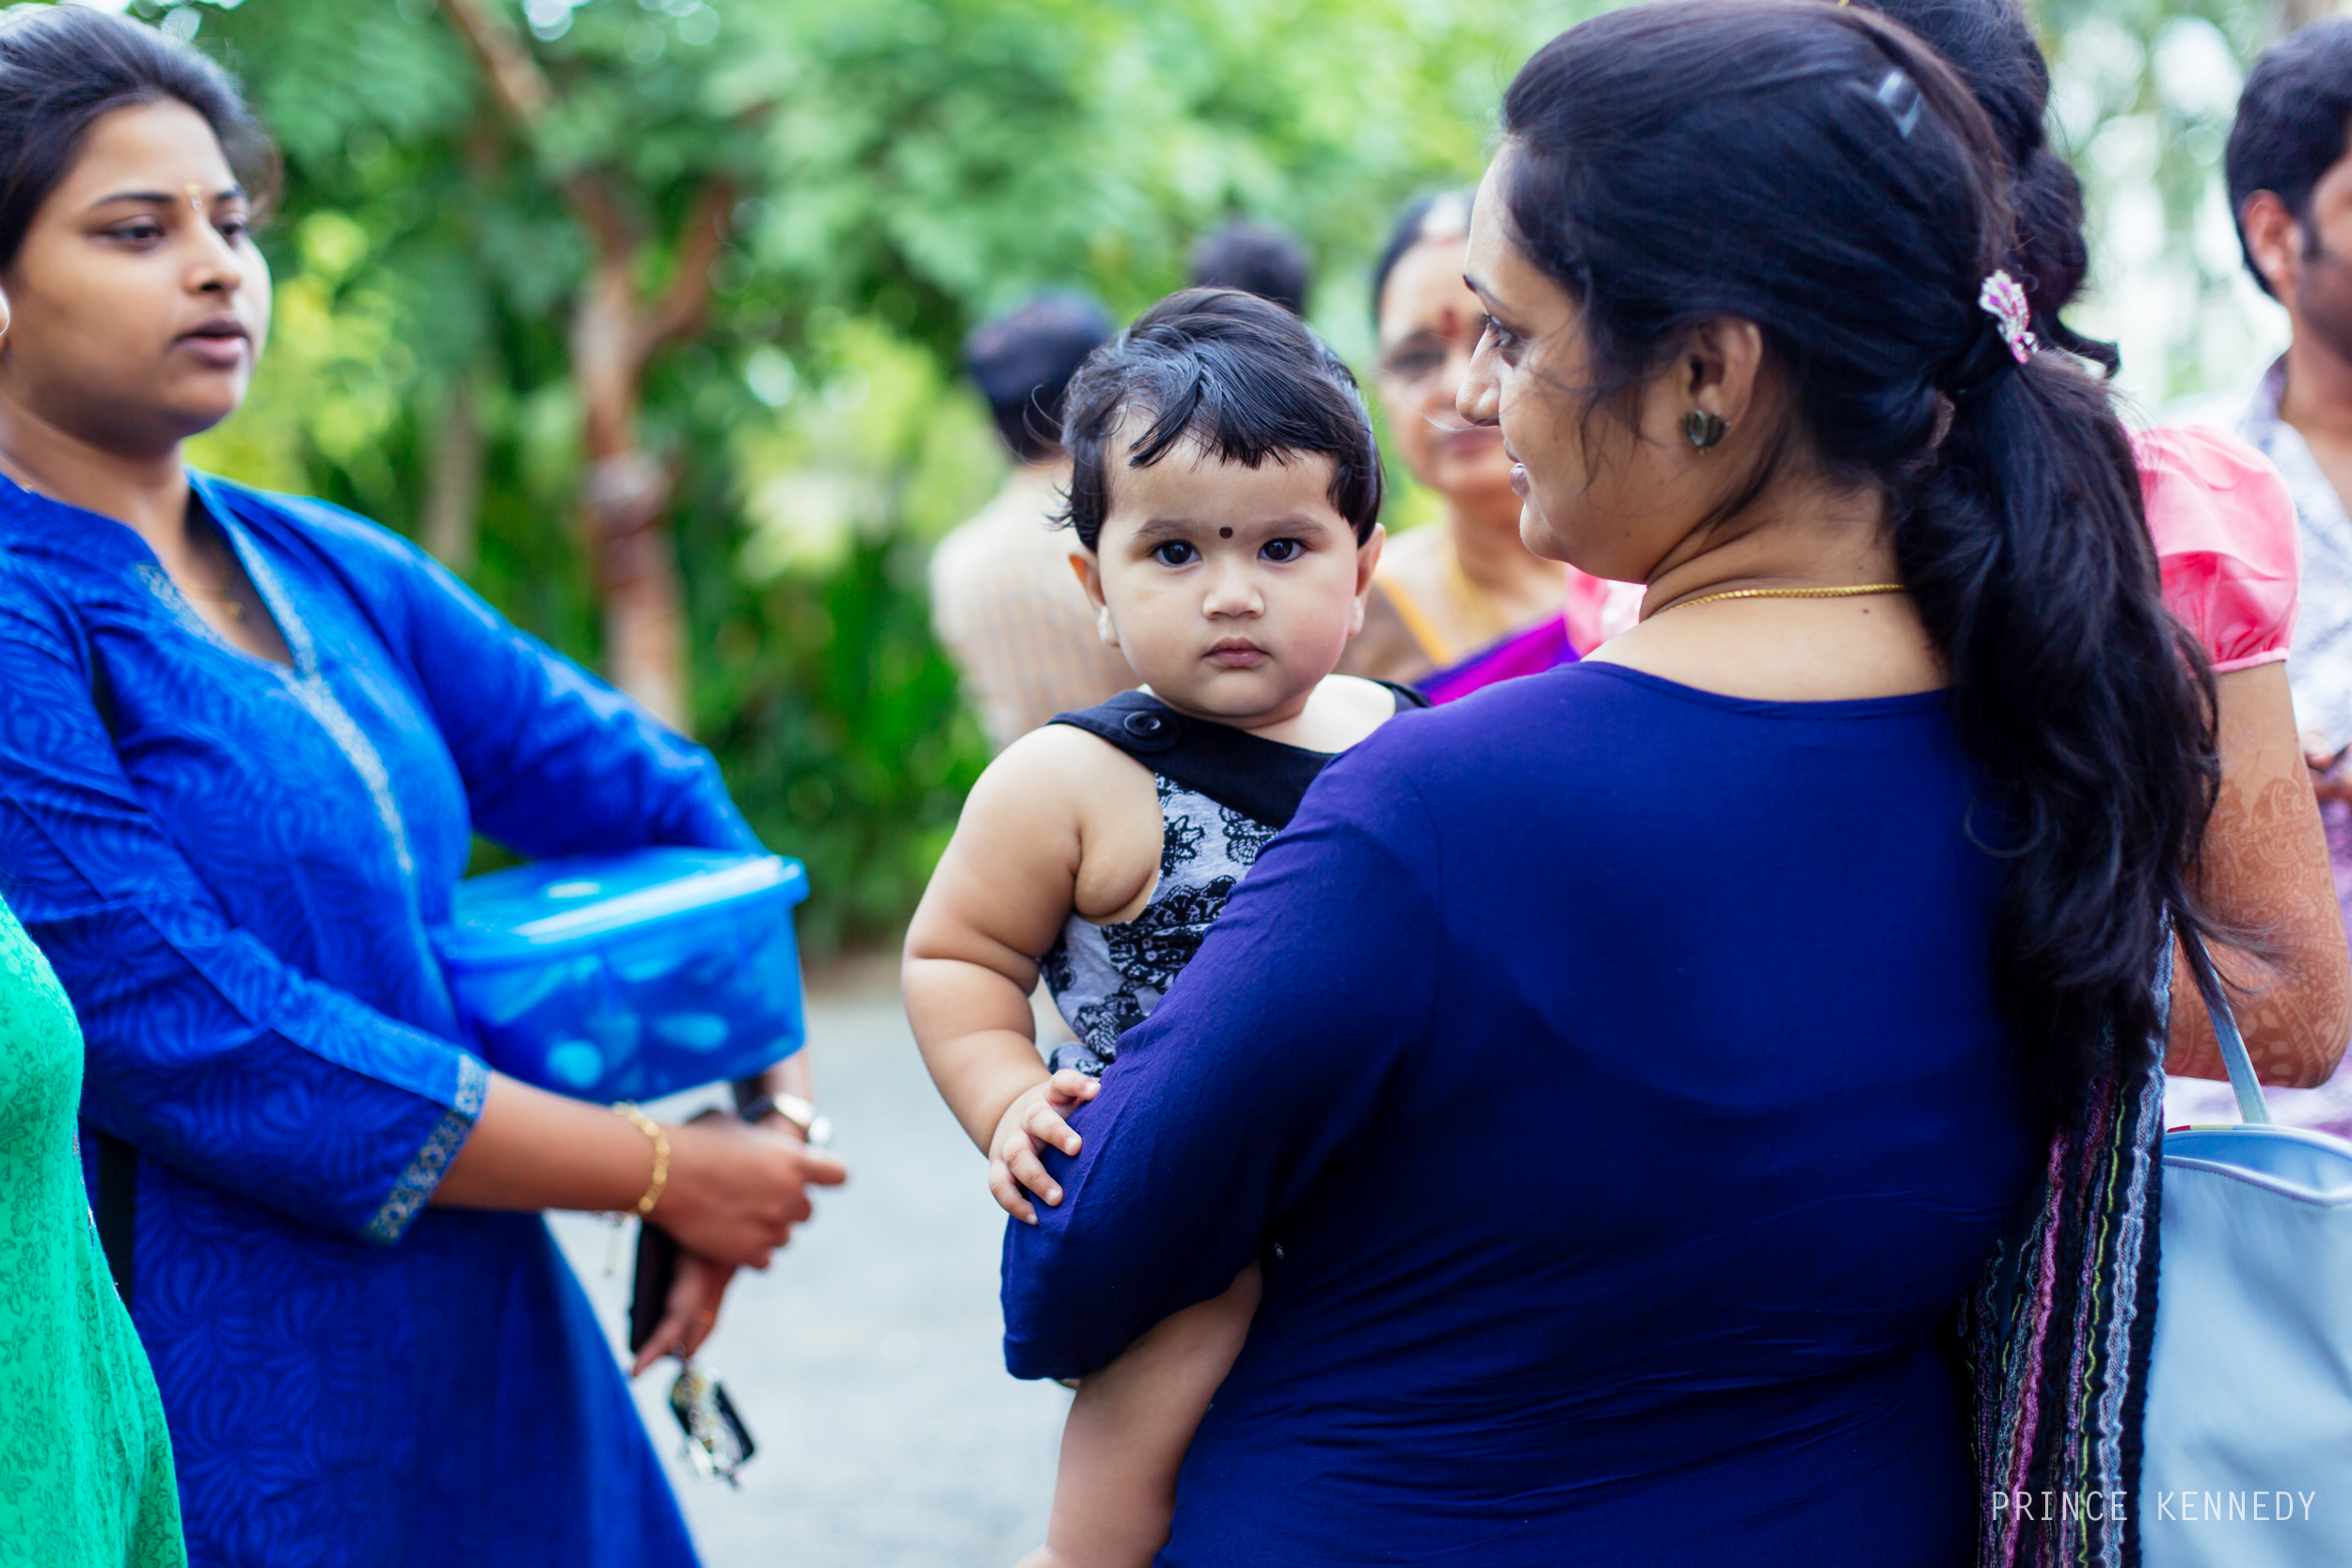 Engagement-Couple-Portrait-Portraiture-Wedding-Couple-Portrait-Chennai-Photographer-Candid-Photography-Destination-Best-Prince-Kennedy-Photography-31.jpg